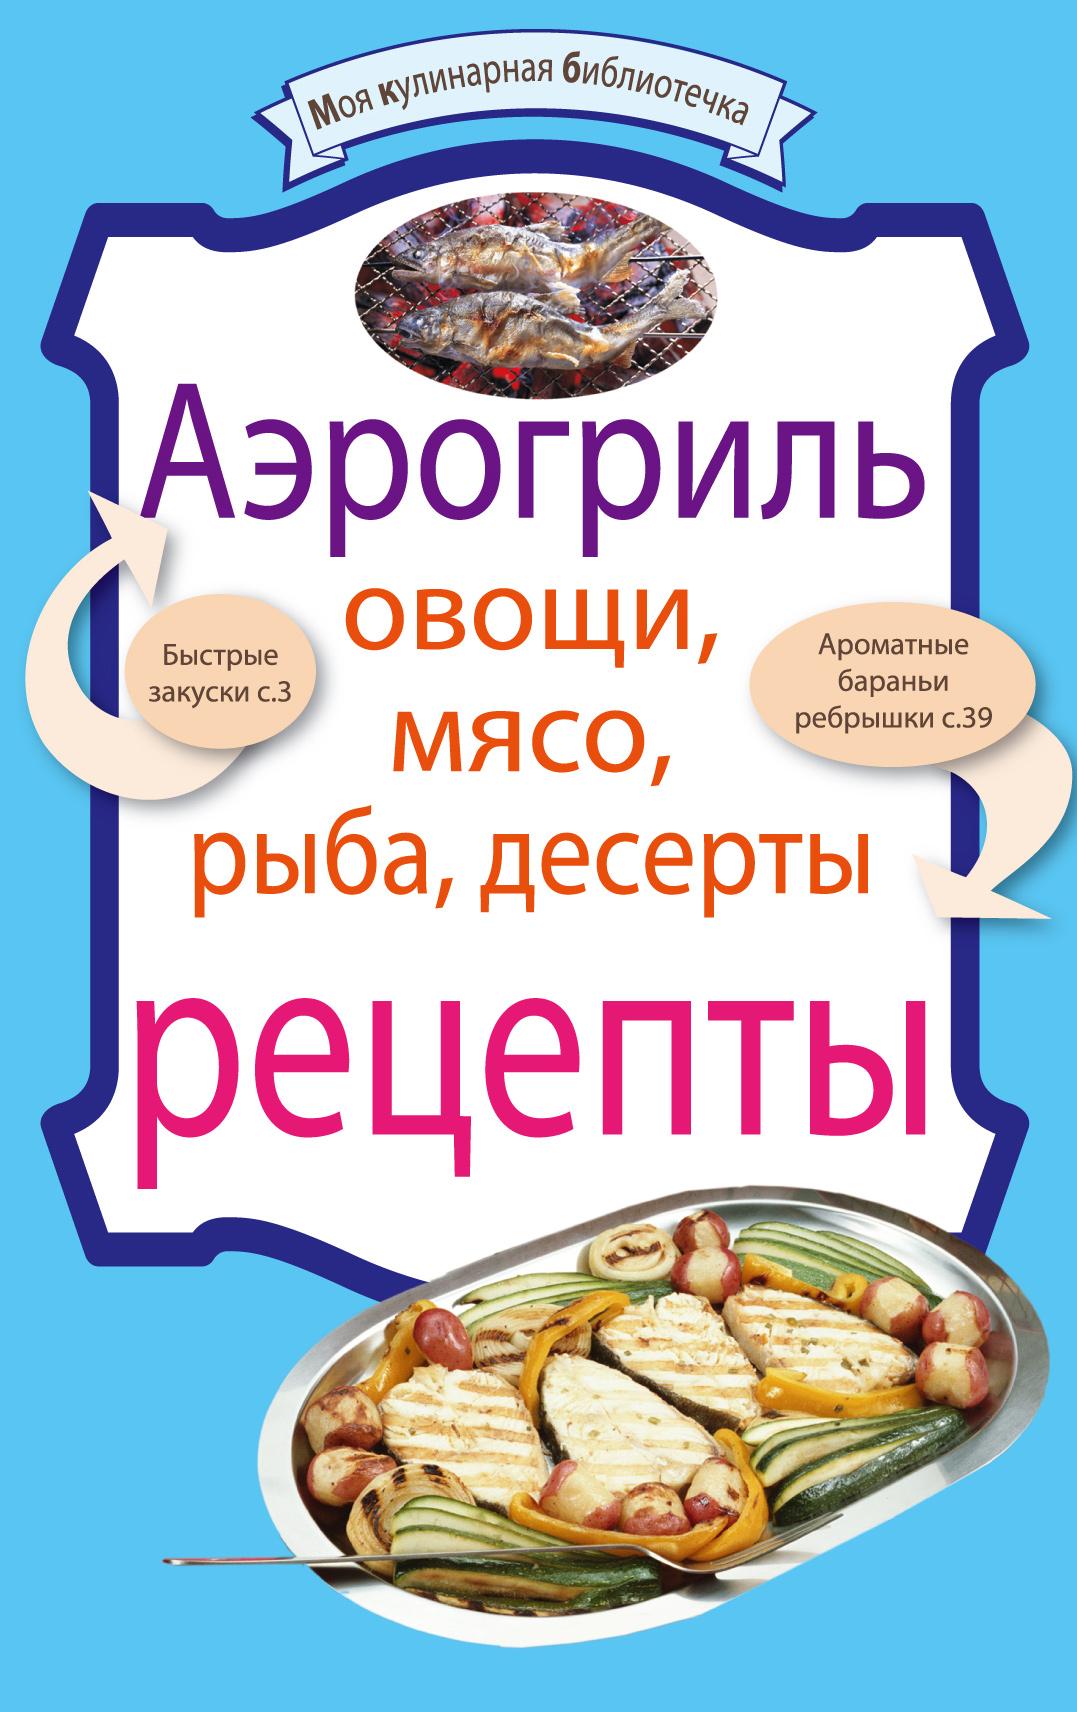 Отсутствует Аэрогриль: Овощи. Мясо. Рыба. Десерты елочная игрушка избушка селенит 67х47х14 мм